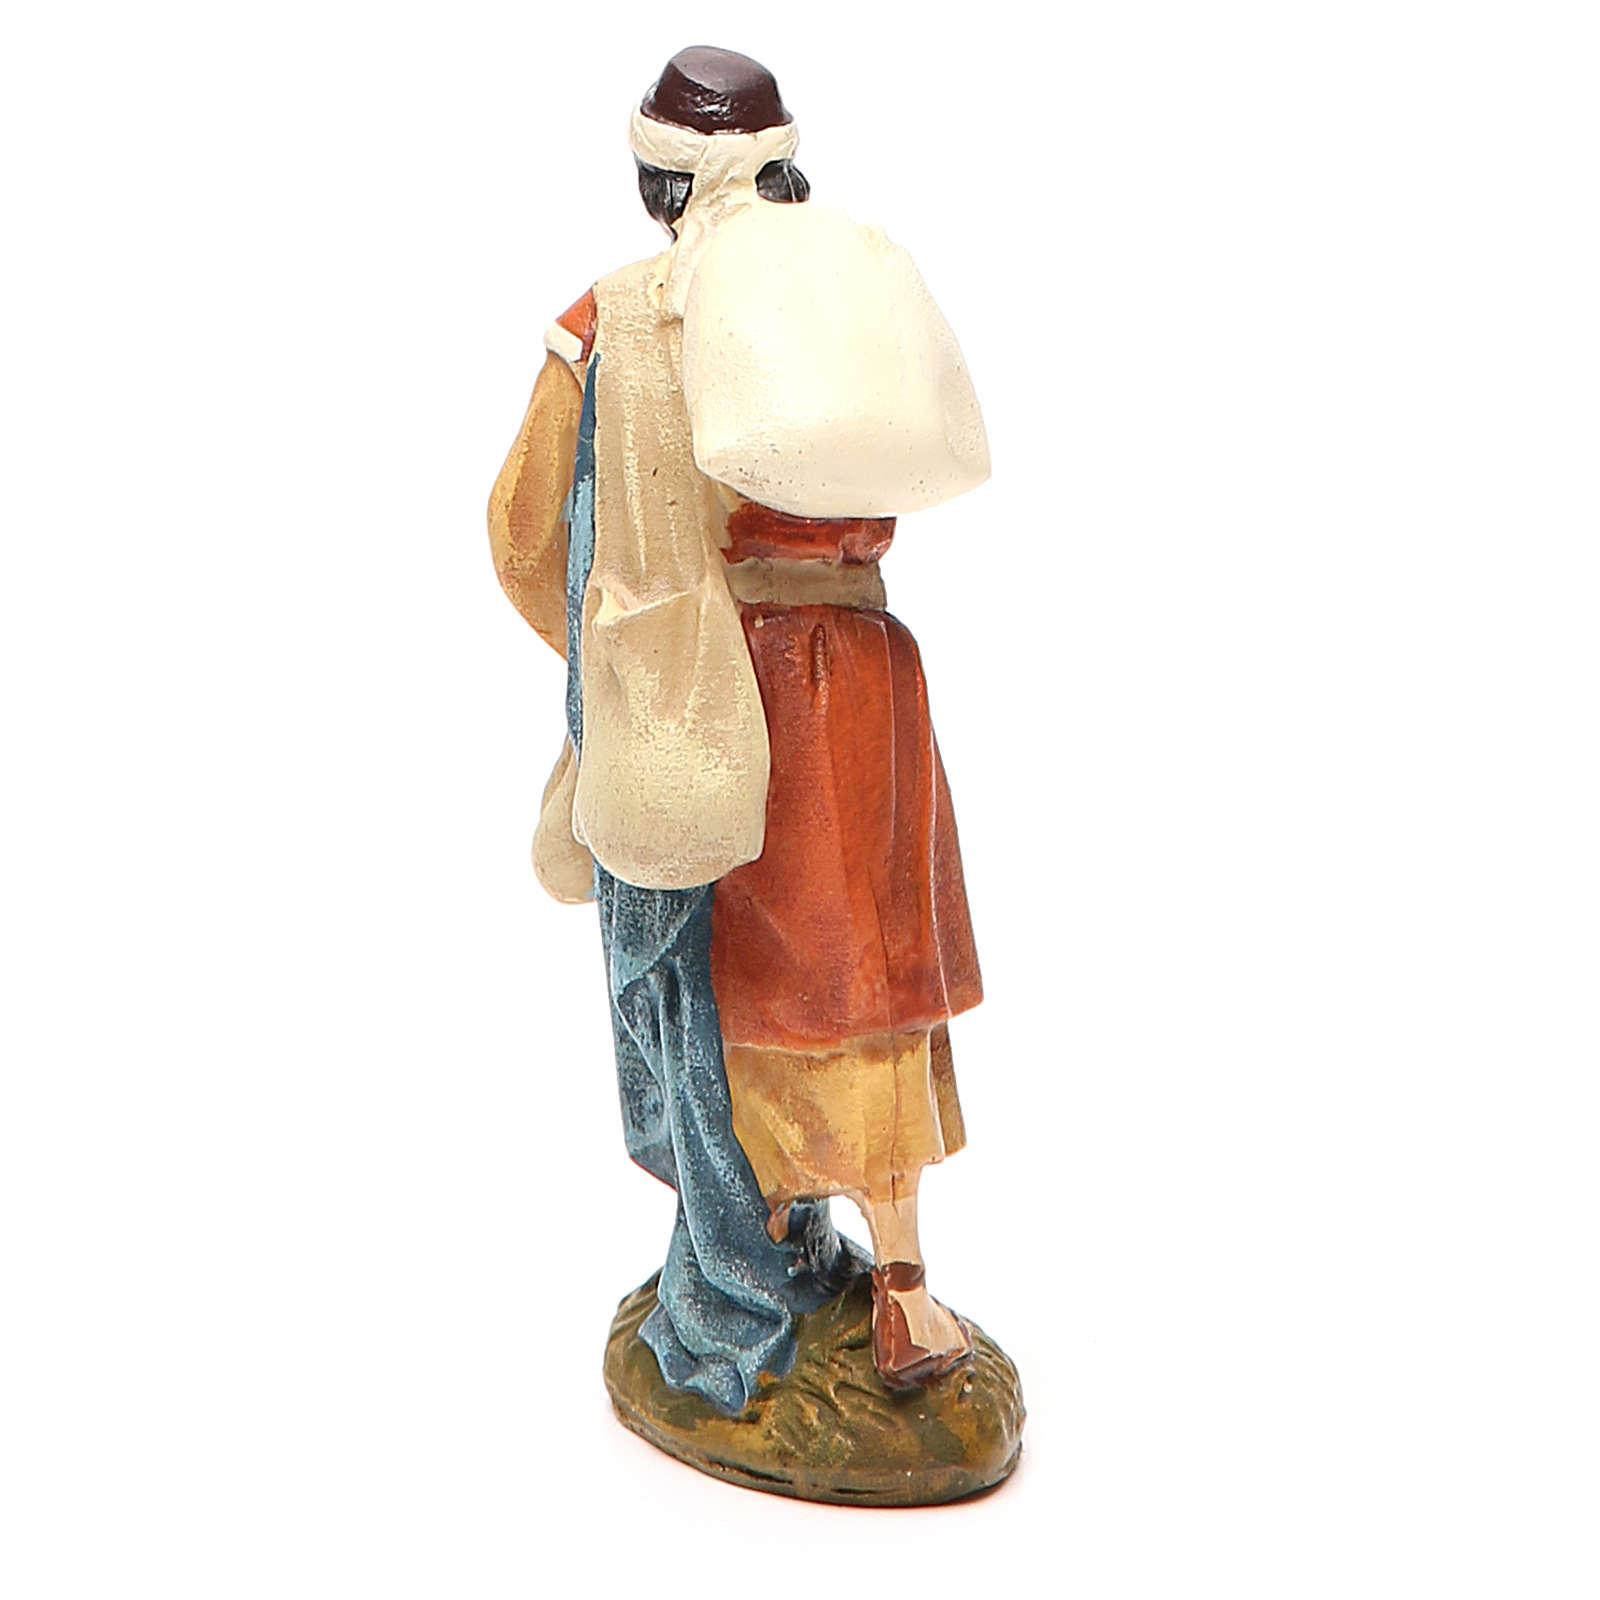 Wayfaring shepherd in painted resin 10cm Landi Collection 3